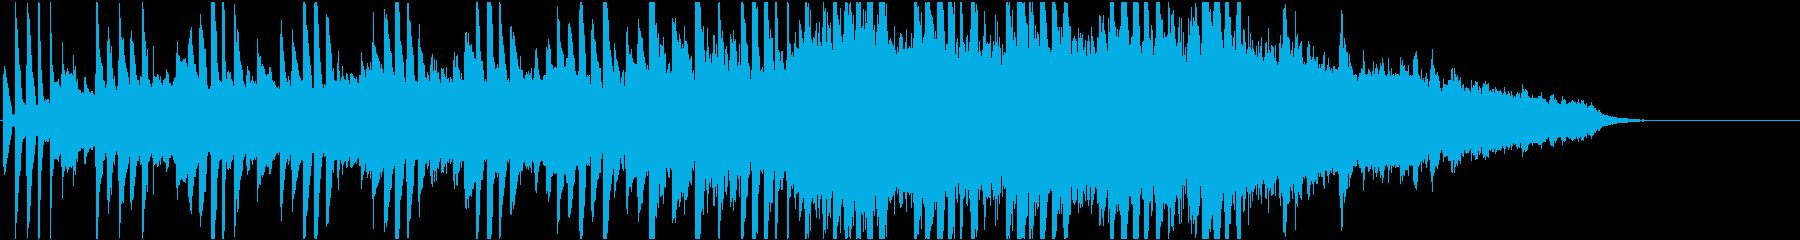 韓流1 16bit48kHzVer.の再生済みの波形